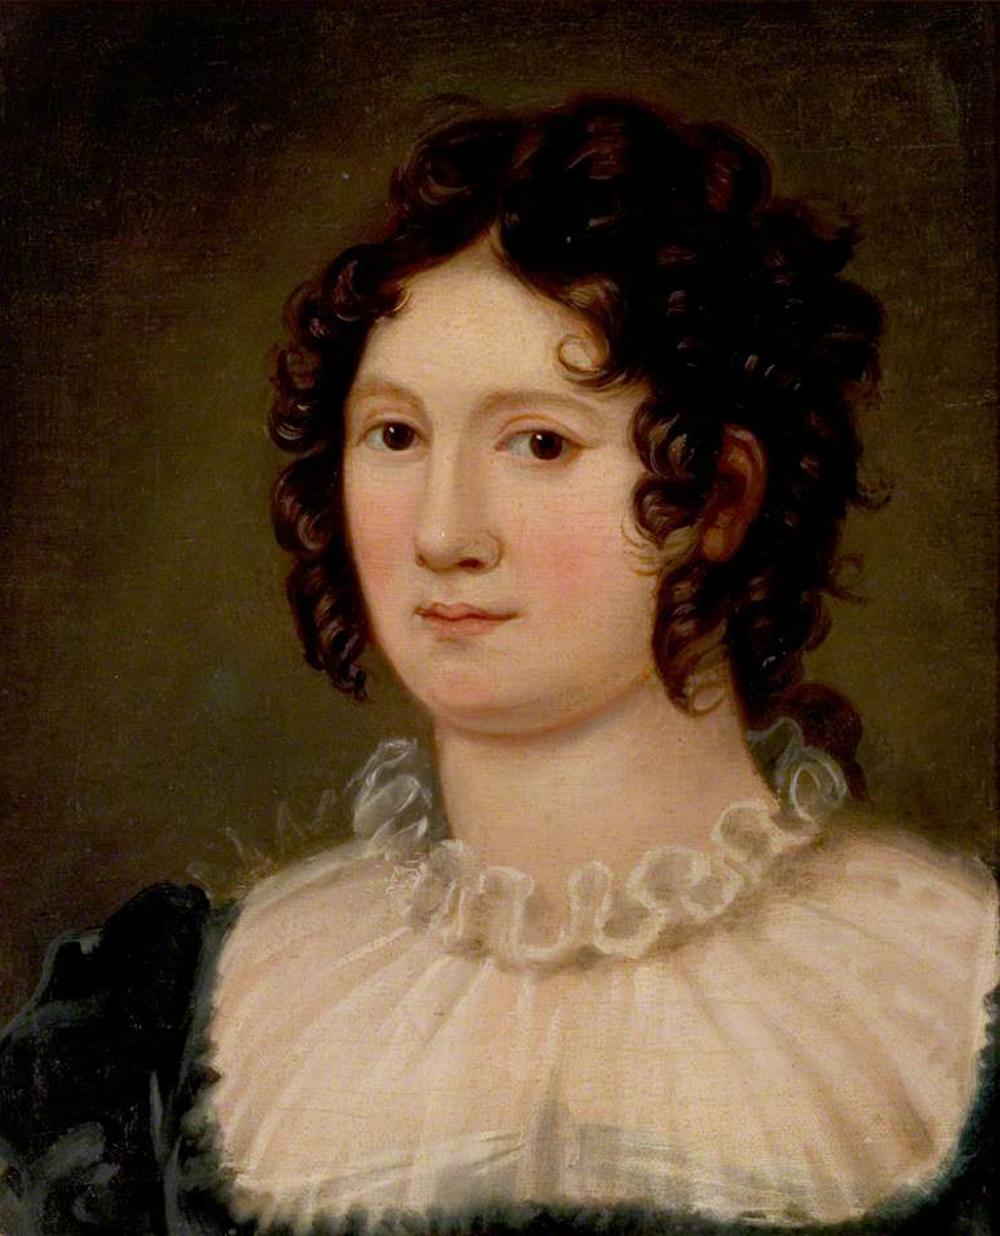 Portrait of Claire Clairmont, by Amelia Curran, c. 1819.